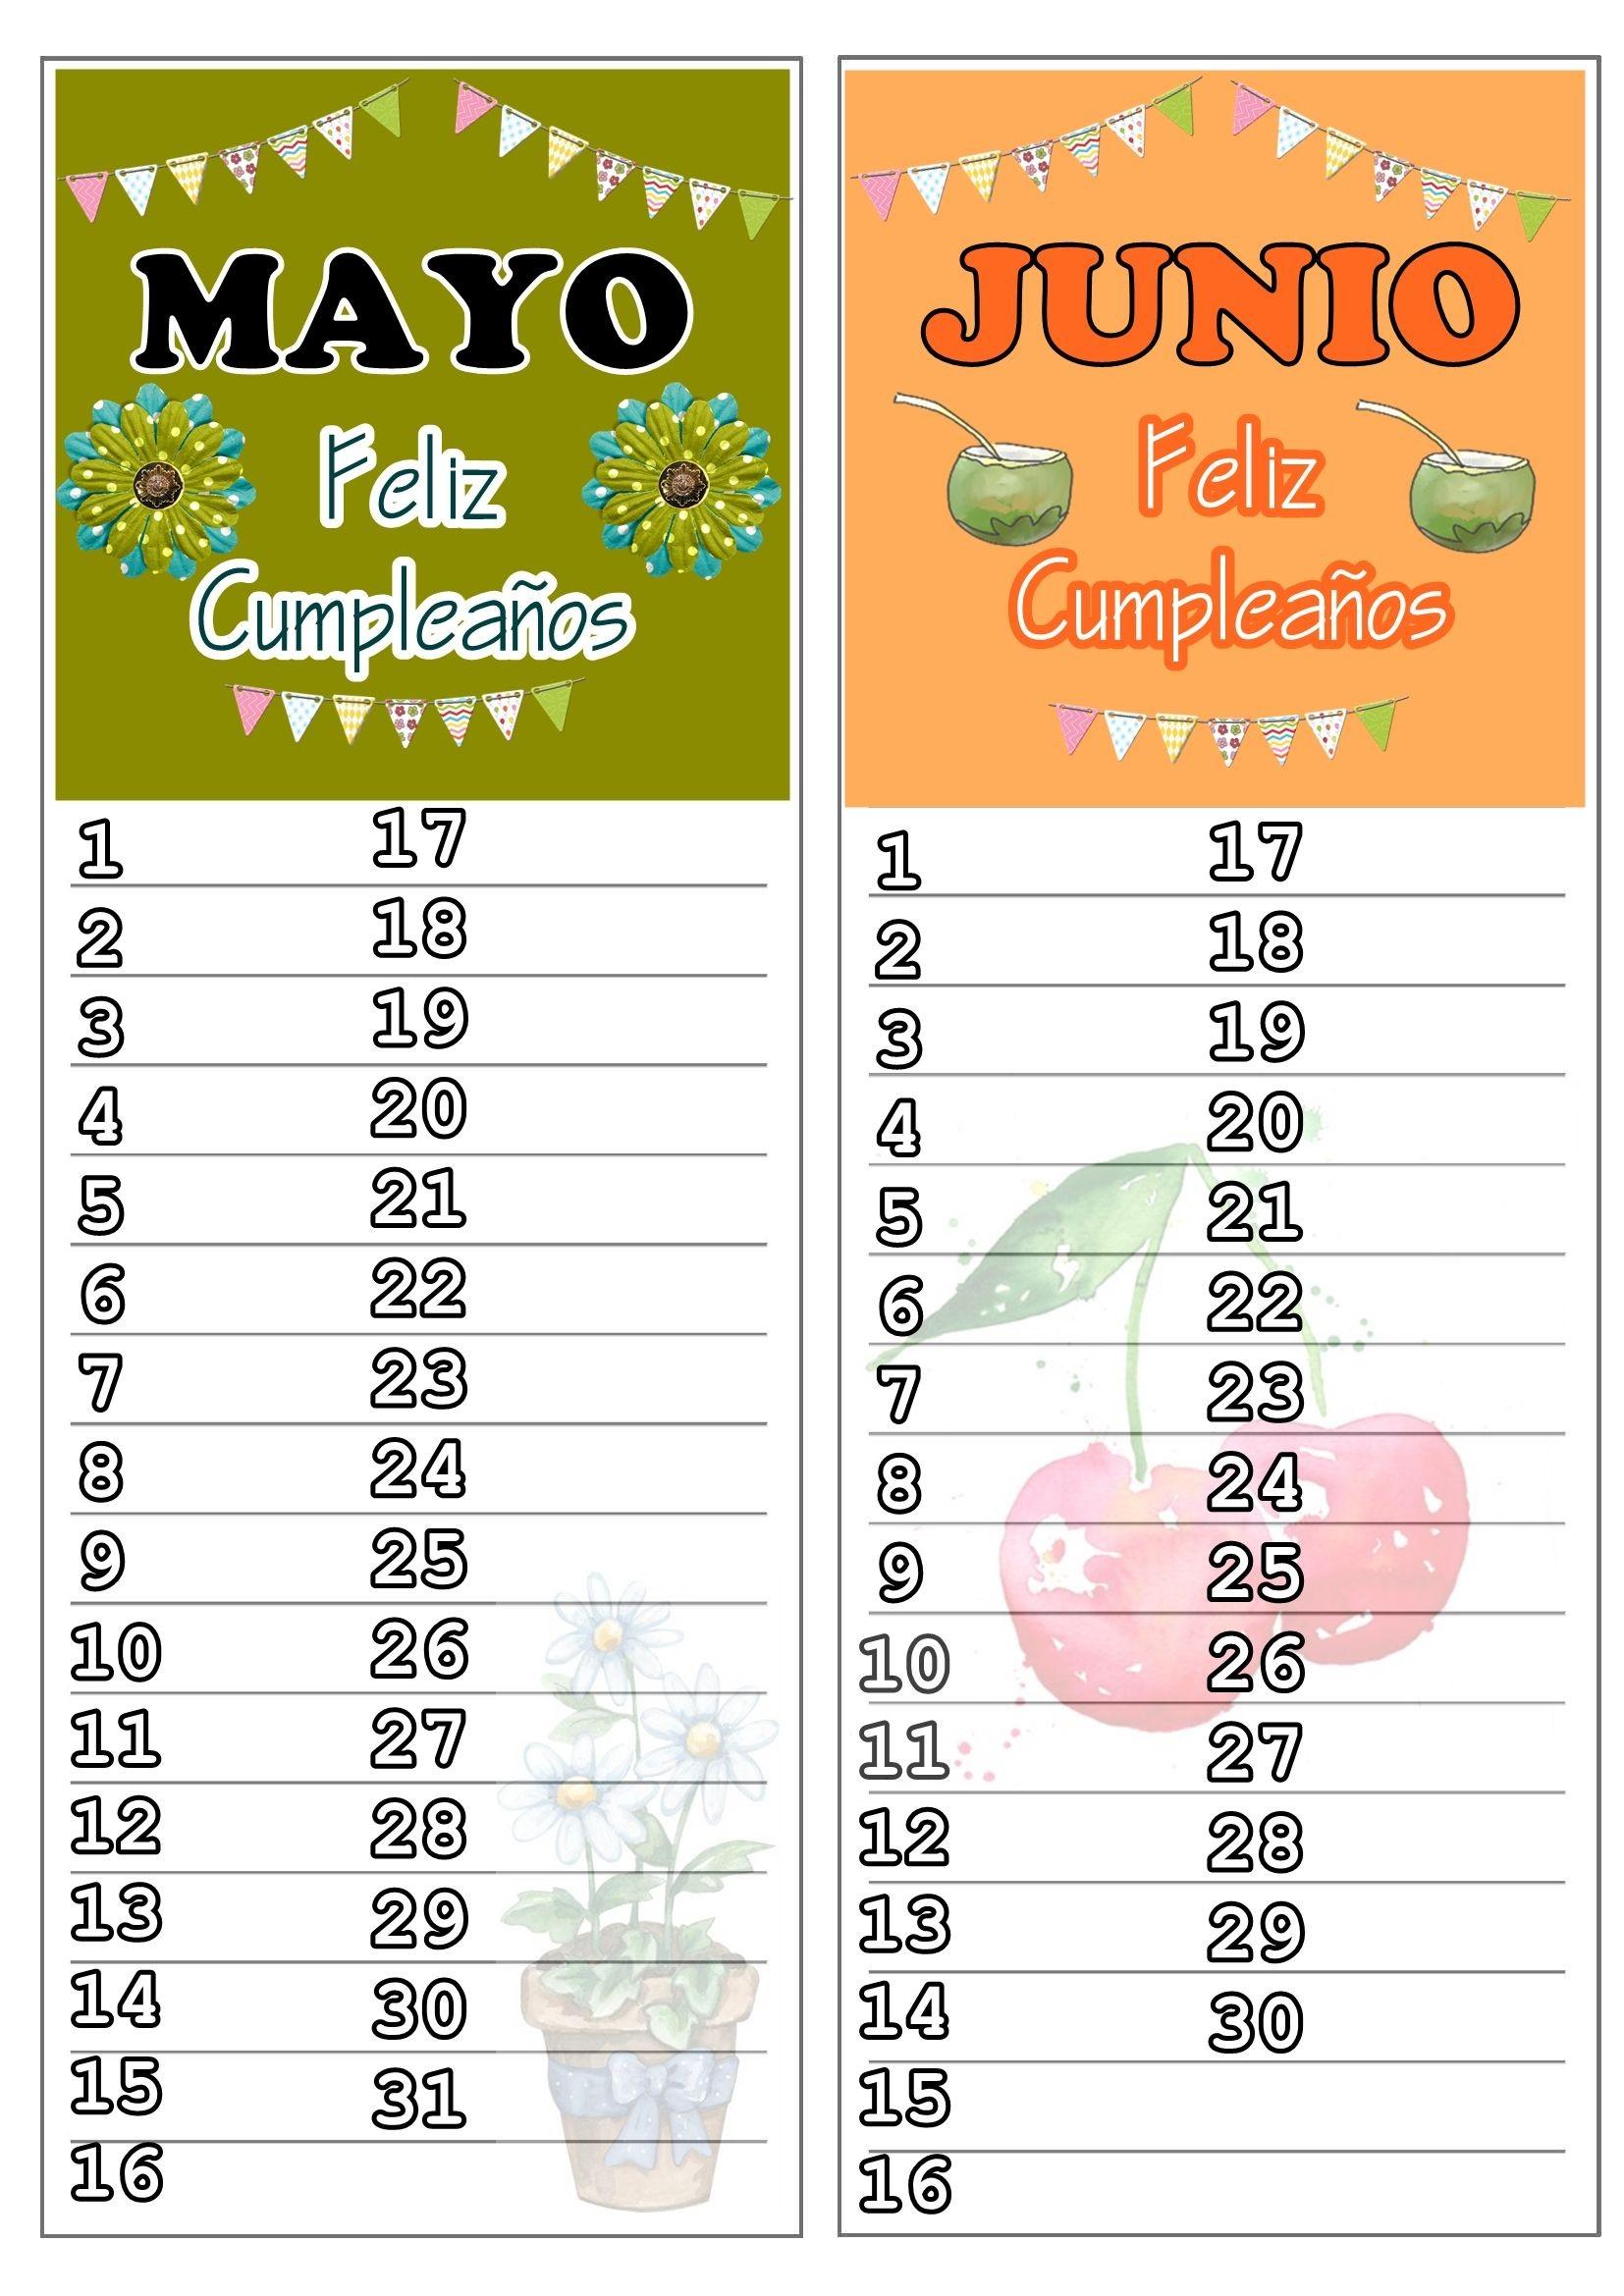 """Calendario Para Imprimir De Abril Más Caliente Mayo Junio 2015 Feliz Cumplea±os Happy Birthday Of Calendario Para Imprimir De Abril Recientes Tablero 100 Para Tapones Metodo Abn Matemtica Numeraci""""n"""